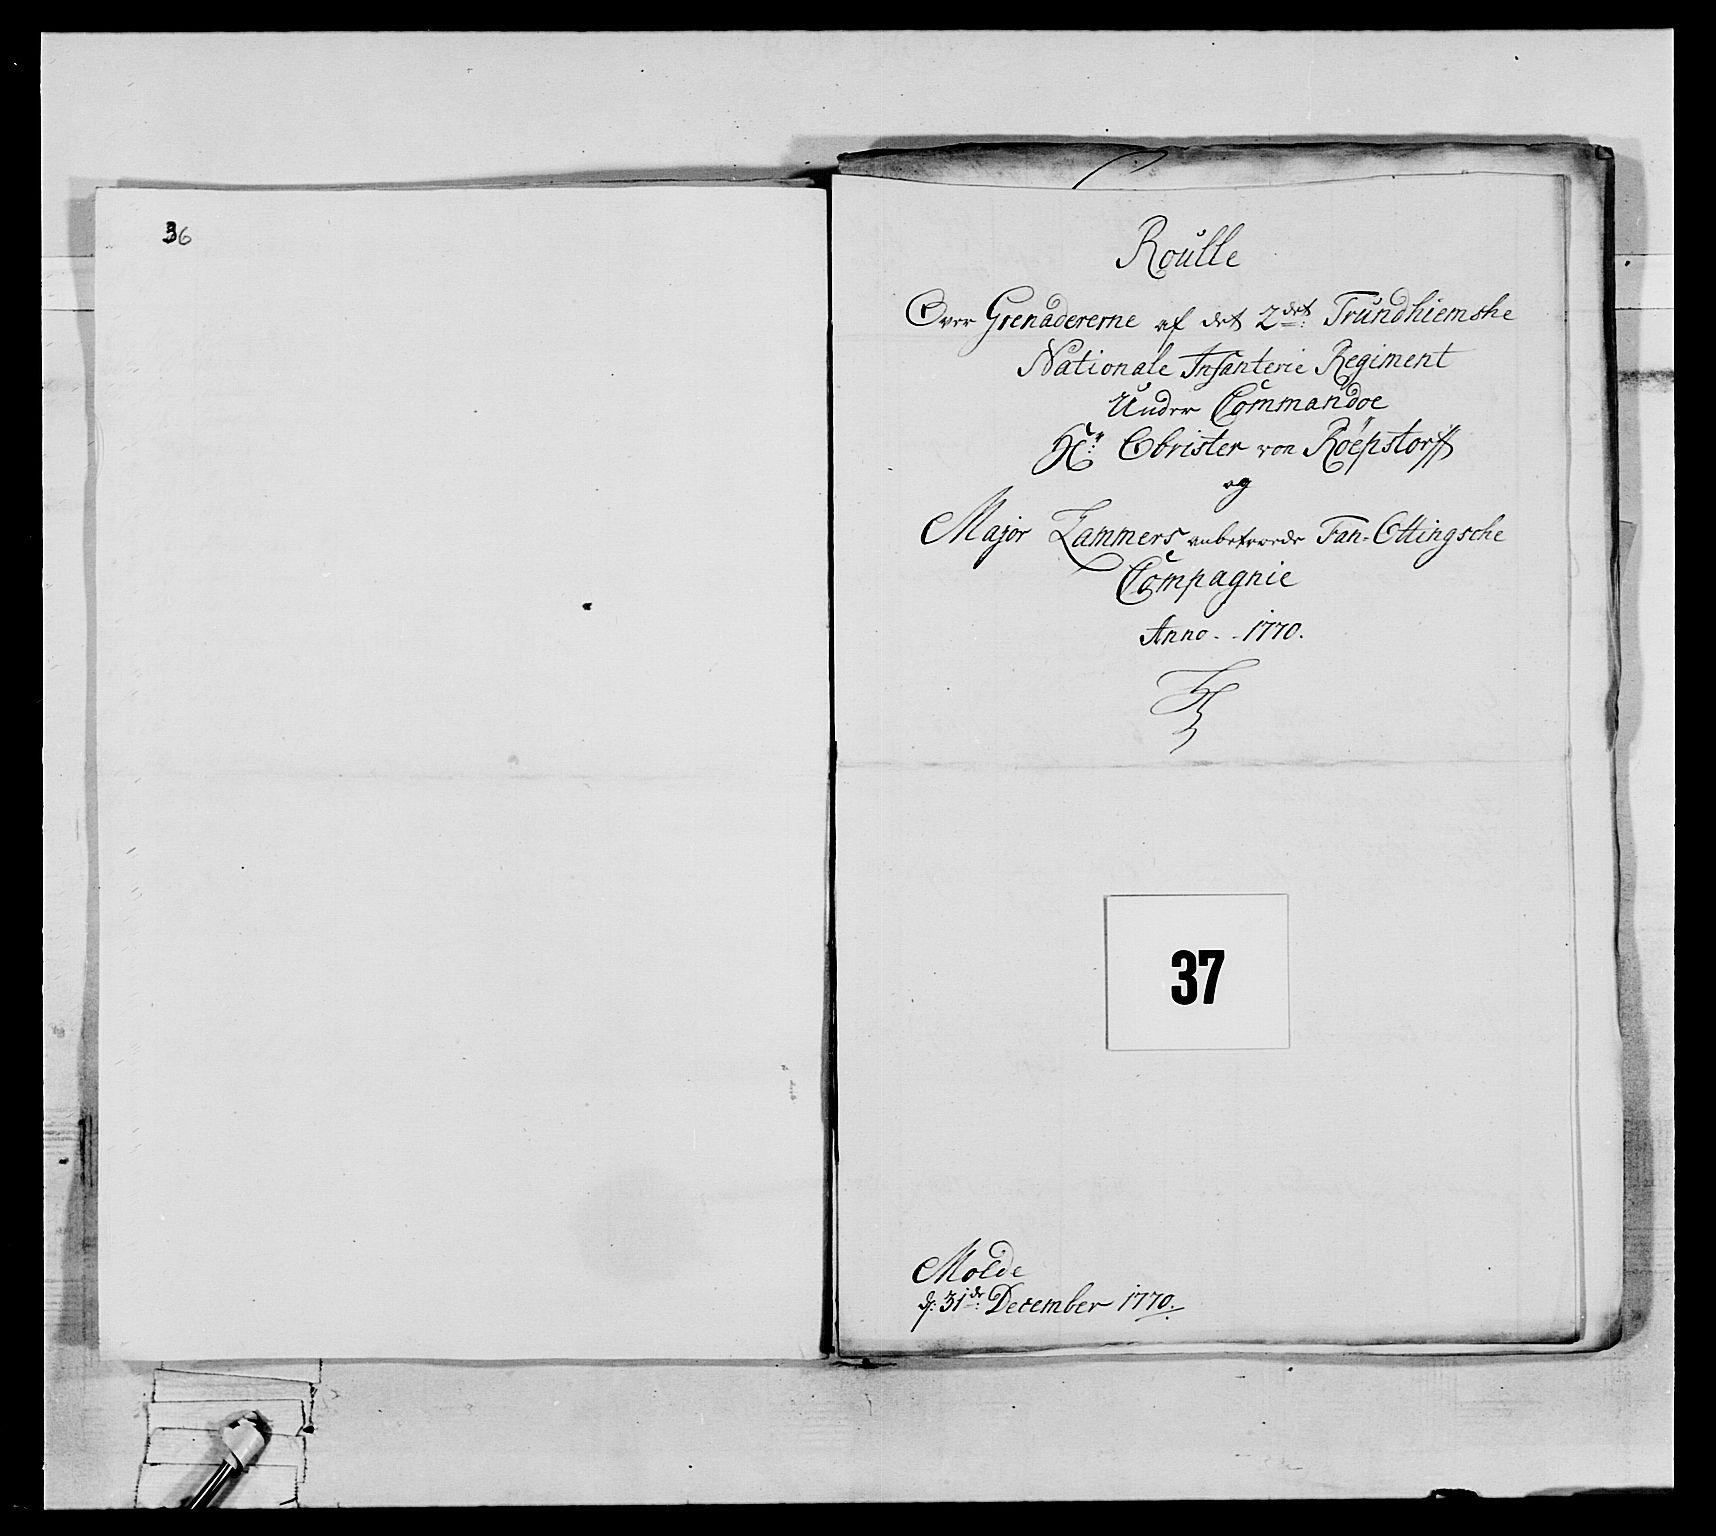 RA, Generalitets- og kommissariatskollegiet, Det kongelige norske kommissariatskollegium, E/Eh/L0076: 2. Trondheimske nasjonale infanteriregiment, 1766-1773, s. 112